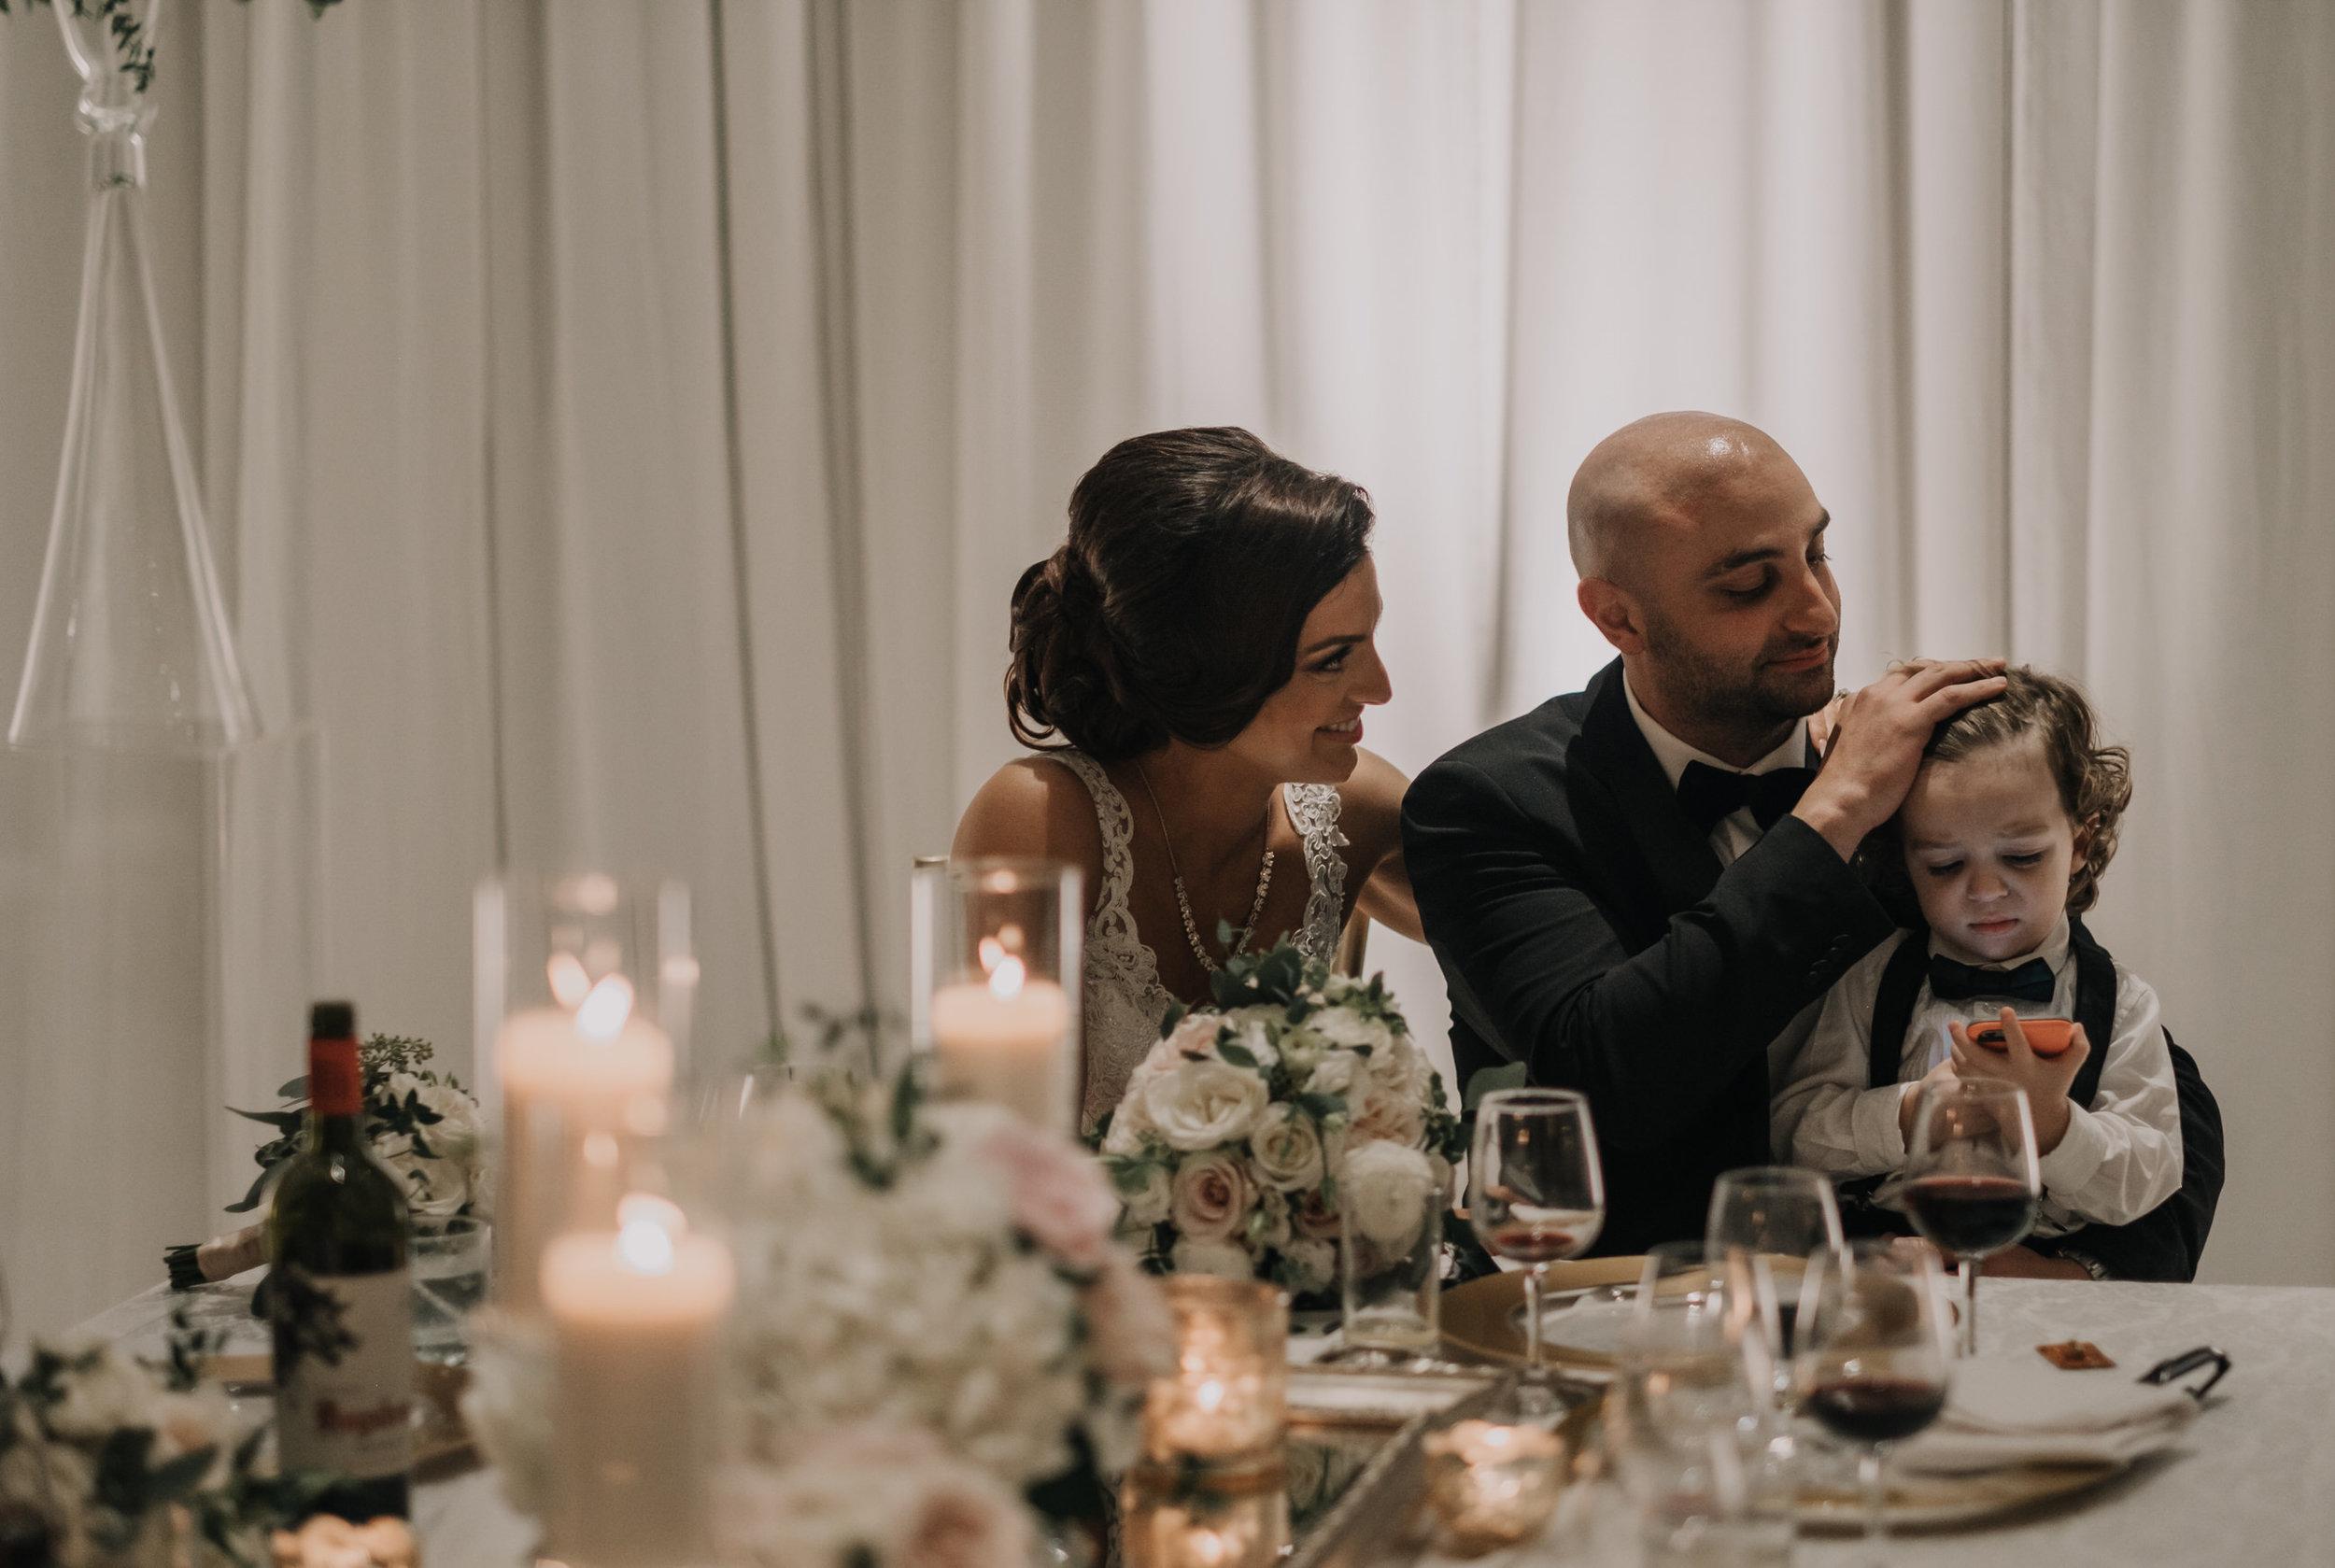 Pitt Meadows Wedding Photographer - Sky Hangar Wedding Photos - Vancouver Wedding Photographer & Videographer - Sunshine Coast Wedding Photos - Sunshine Coast Wedding Photographer - Jennifer Picard Photography - DSCF5661.jpg